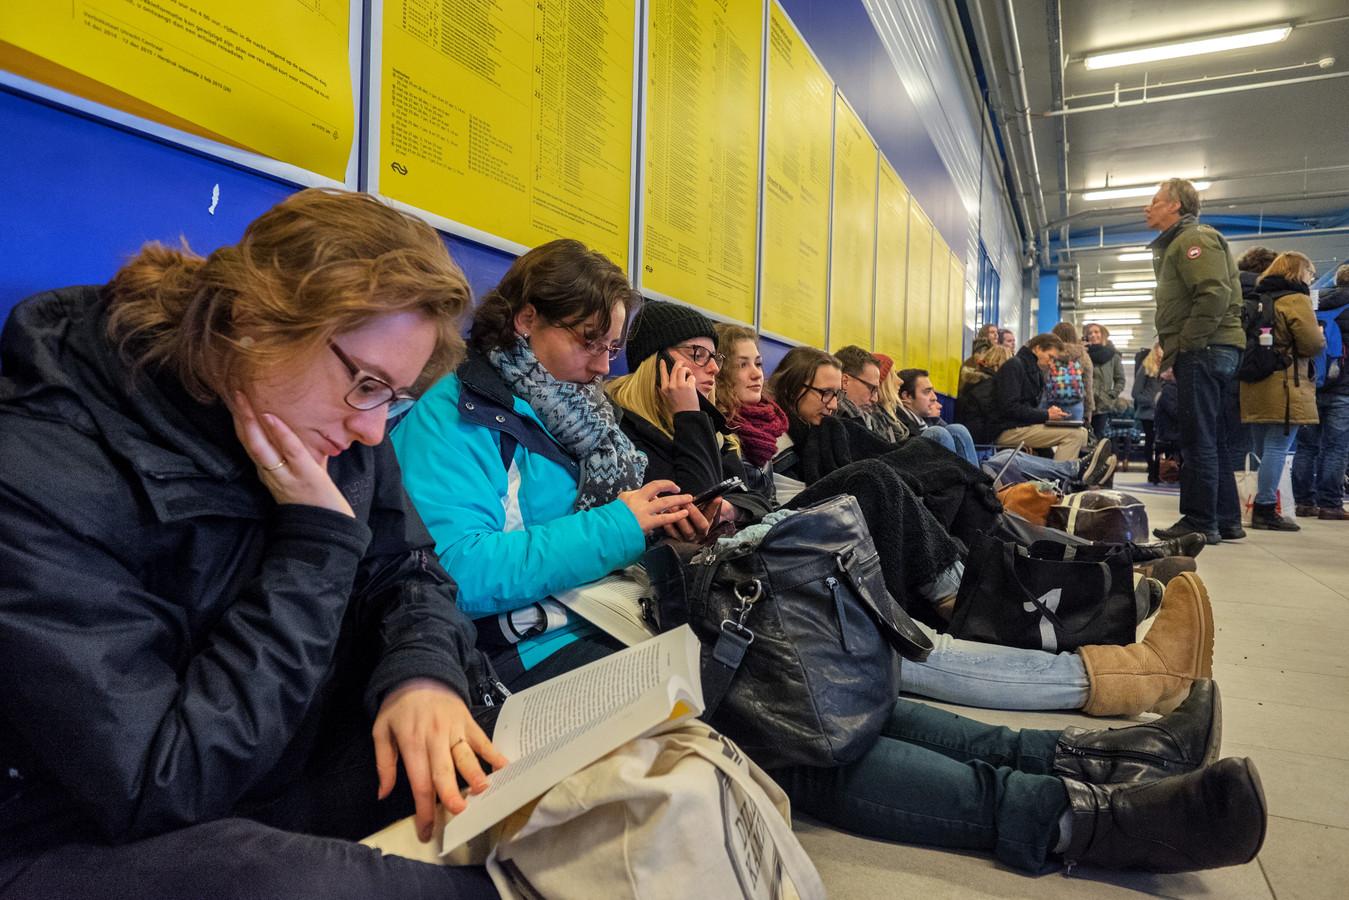 Als gevolg van een stroom - en wisselstoring moesten veel treinpassagiers wachten op Utrecht Centraal Station. (archieffoto)